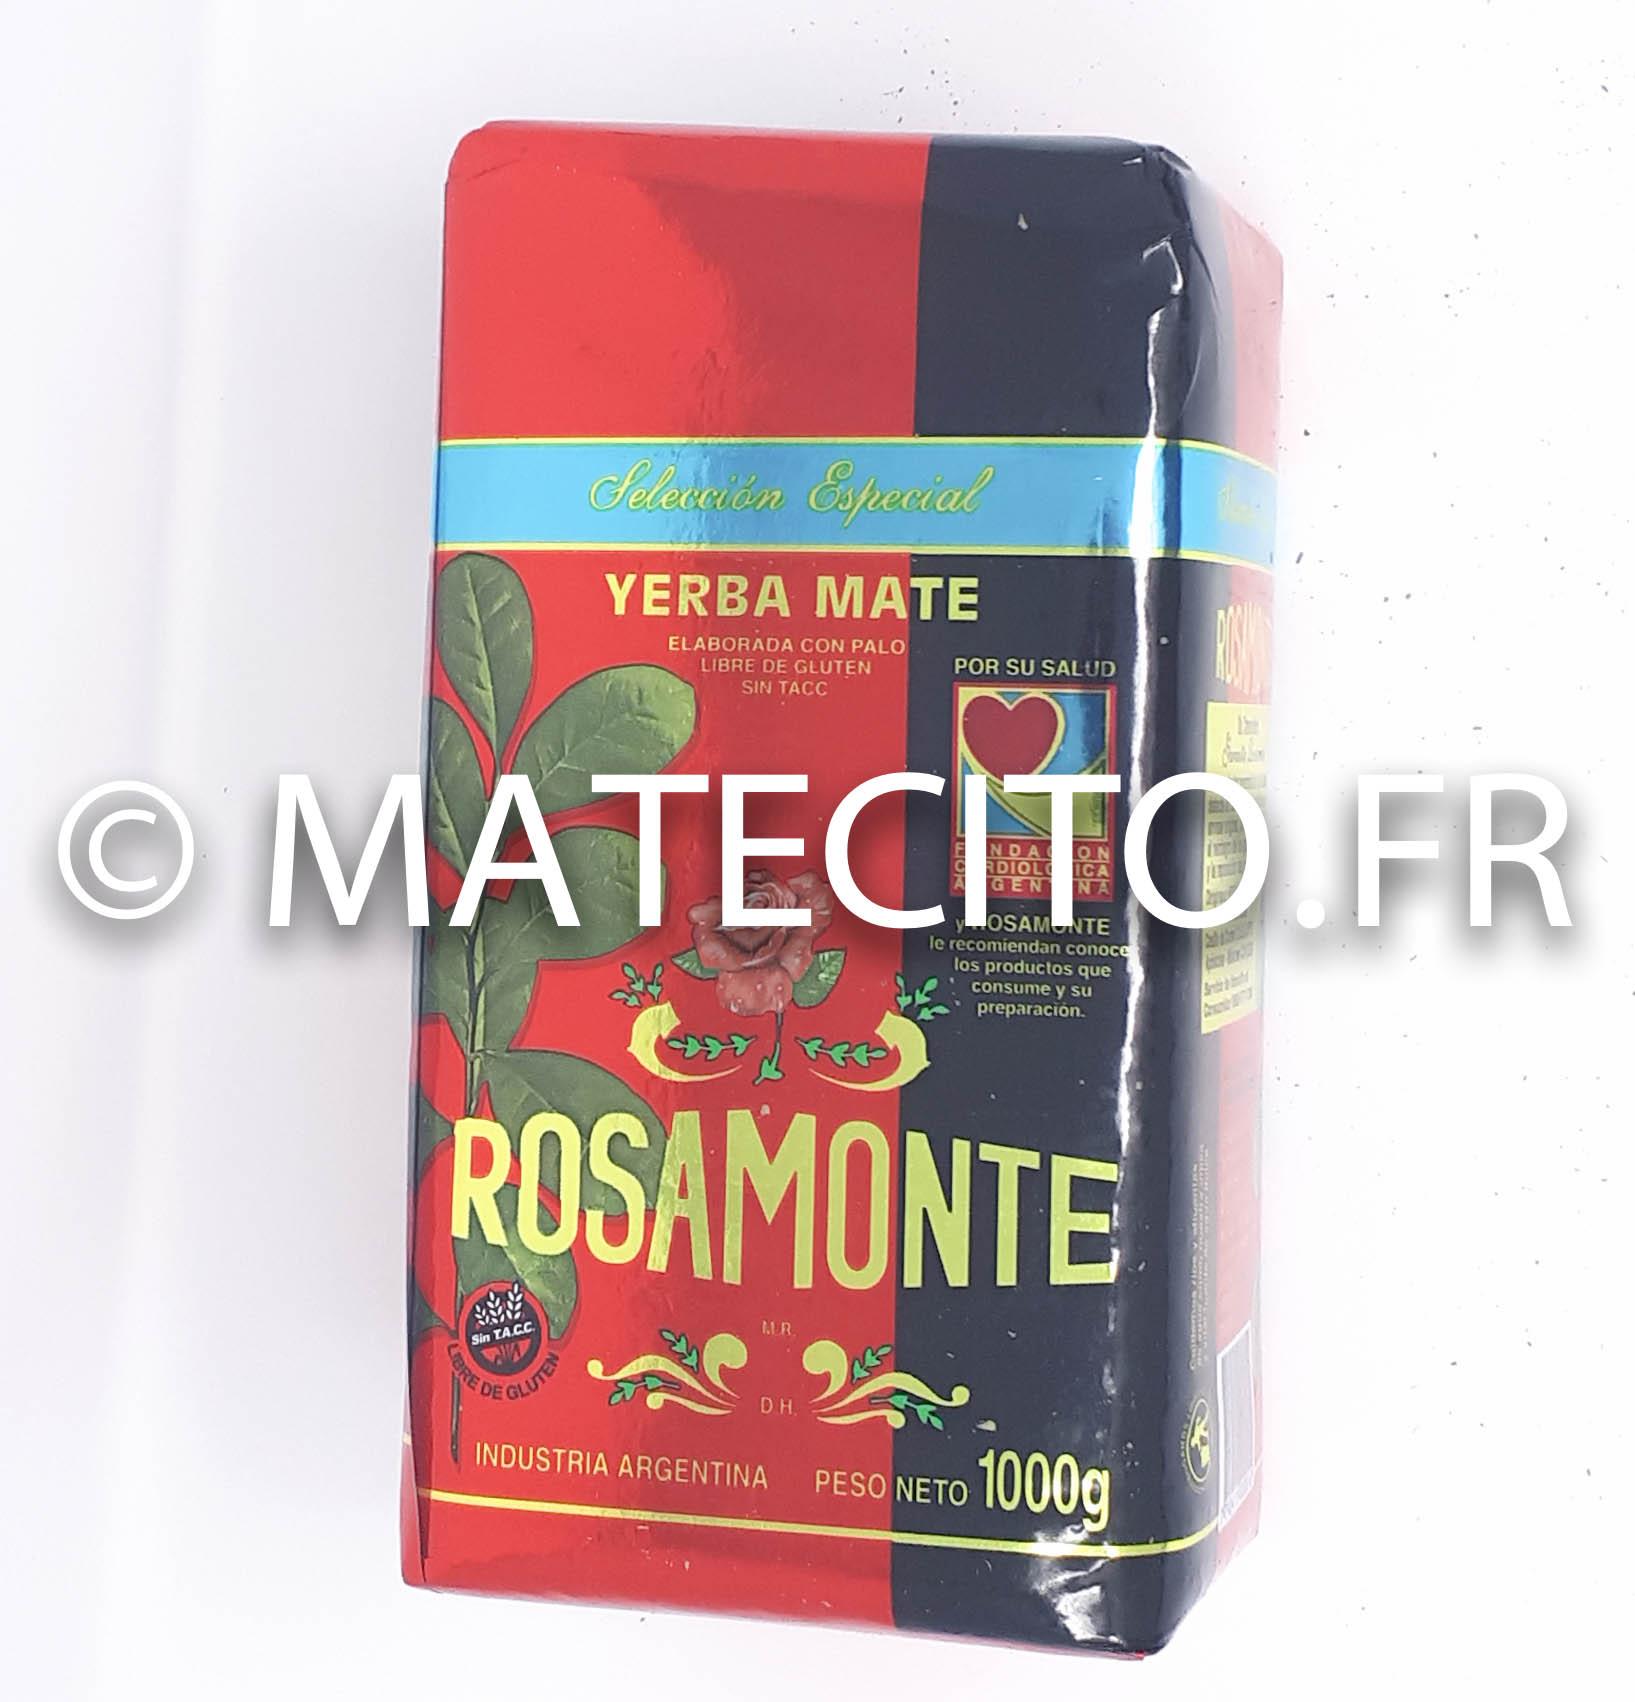 rosamonte especial face-1